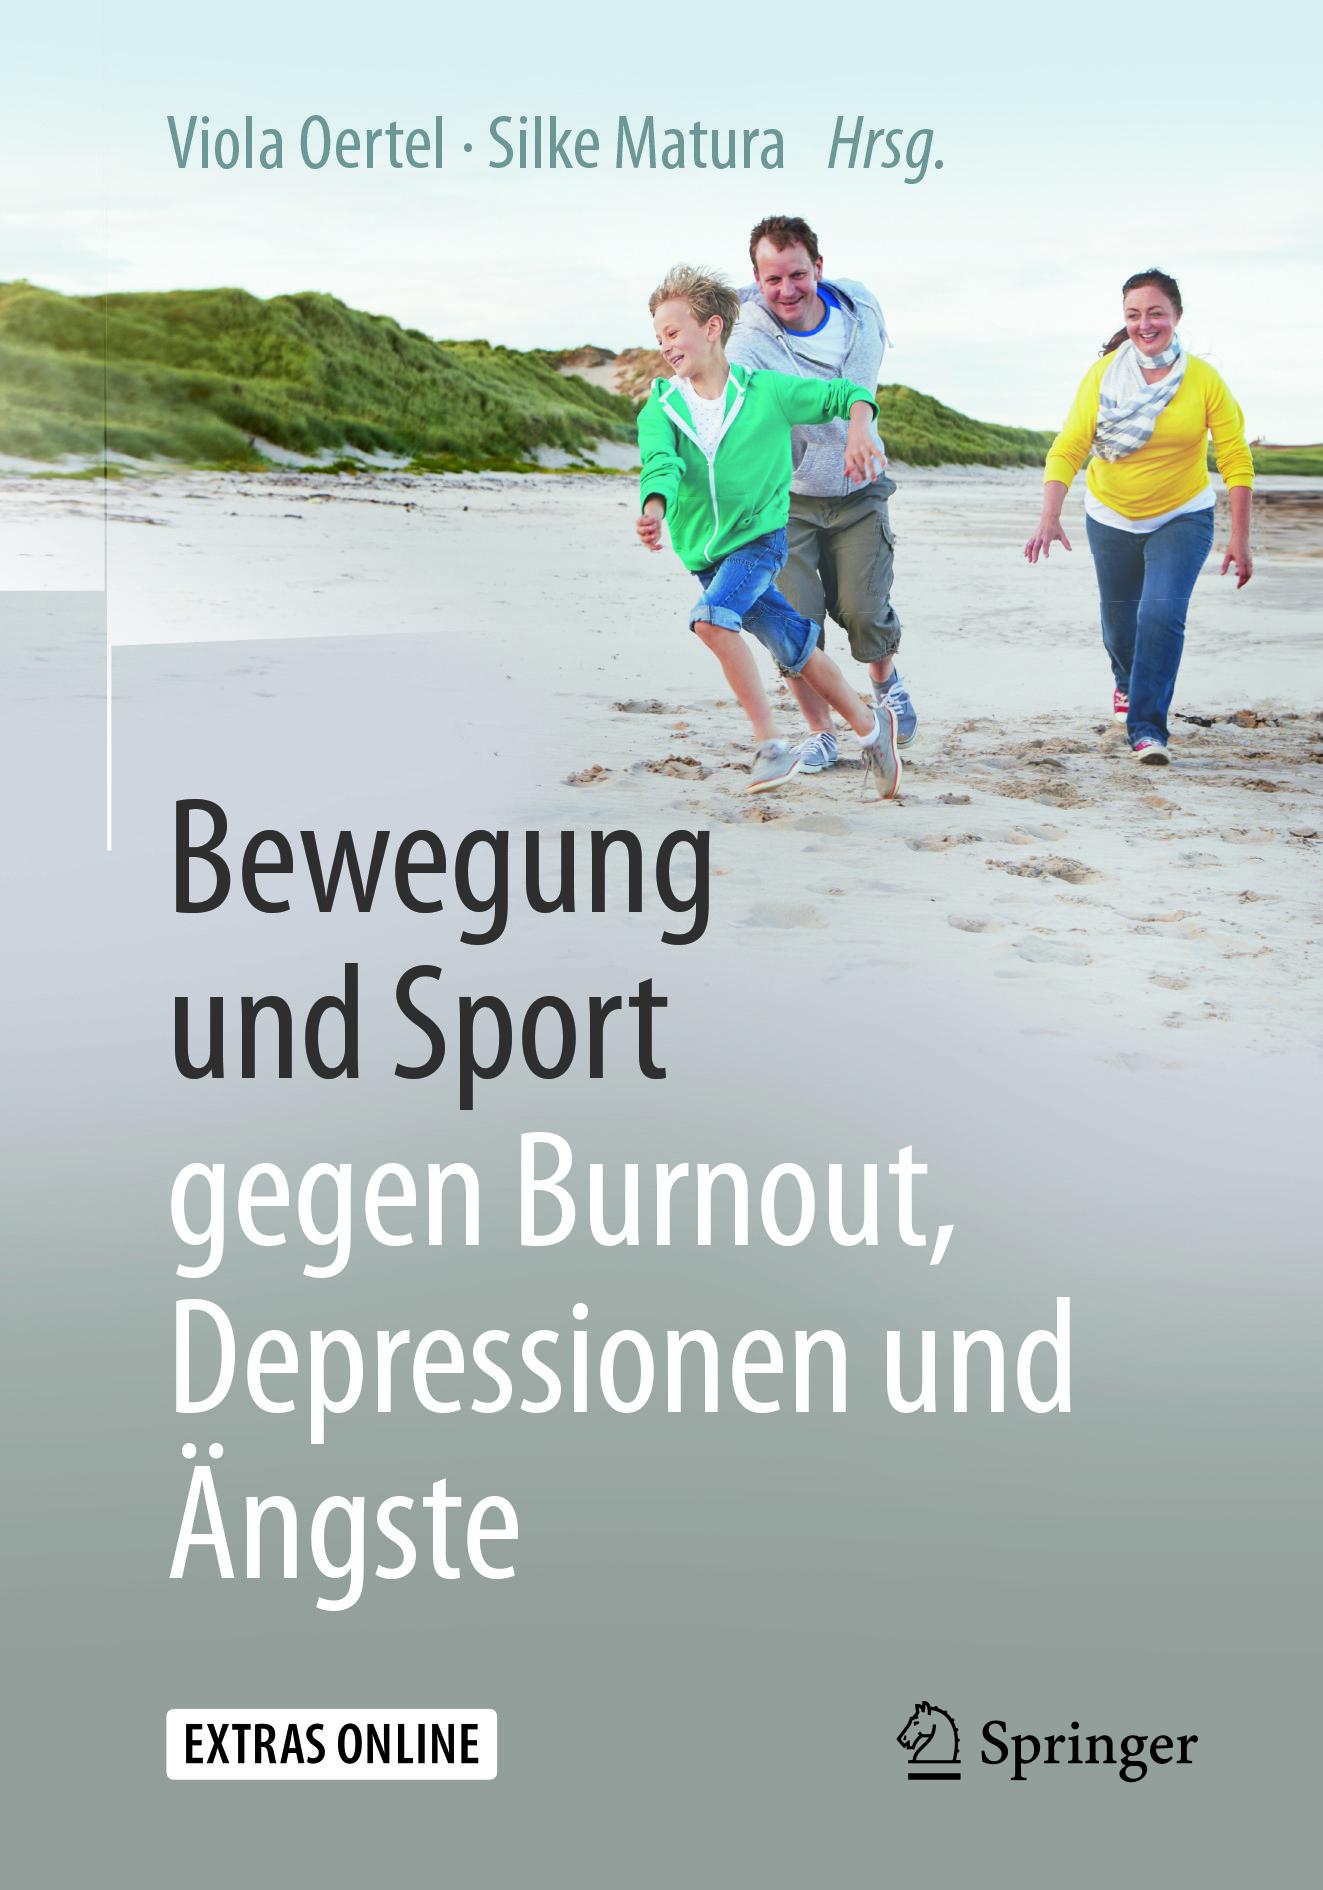 Matura, Silke - Bewegung und Sport gegen Burnout, Depressionen und Ängste, ebook